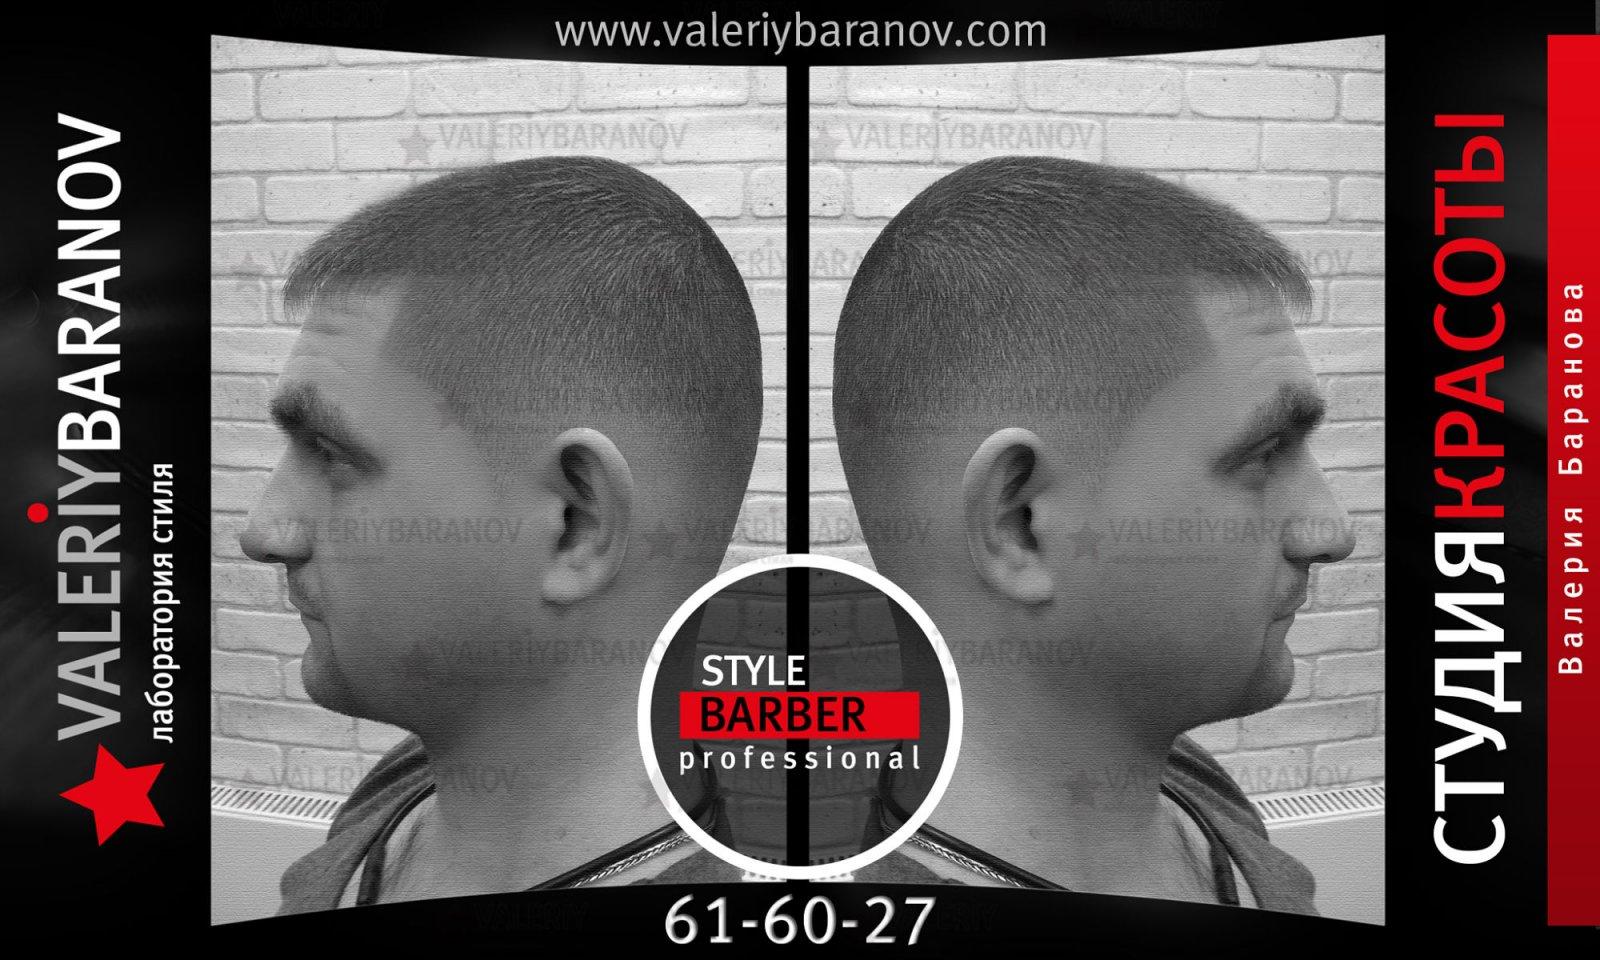 Лаборатория стиля Валерия Баранова: короткие мужские стрижки в Тольятти